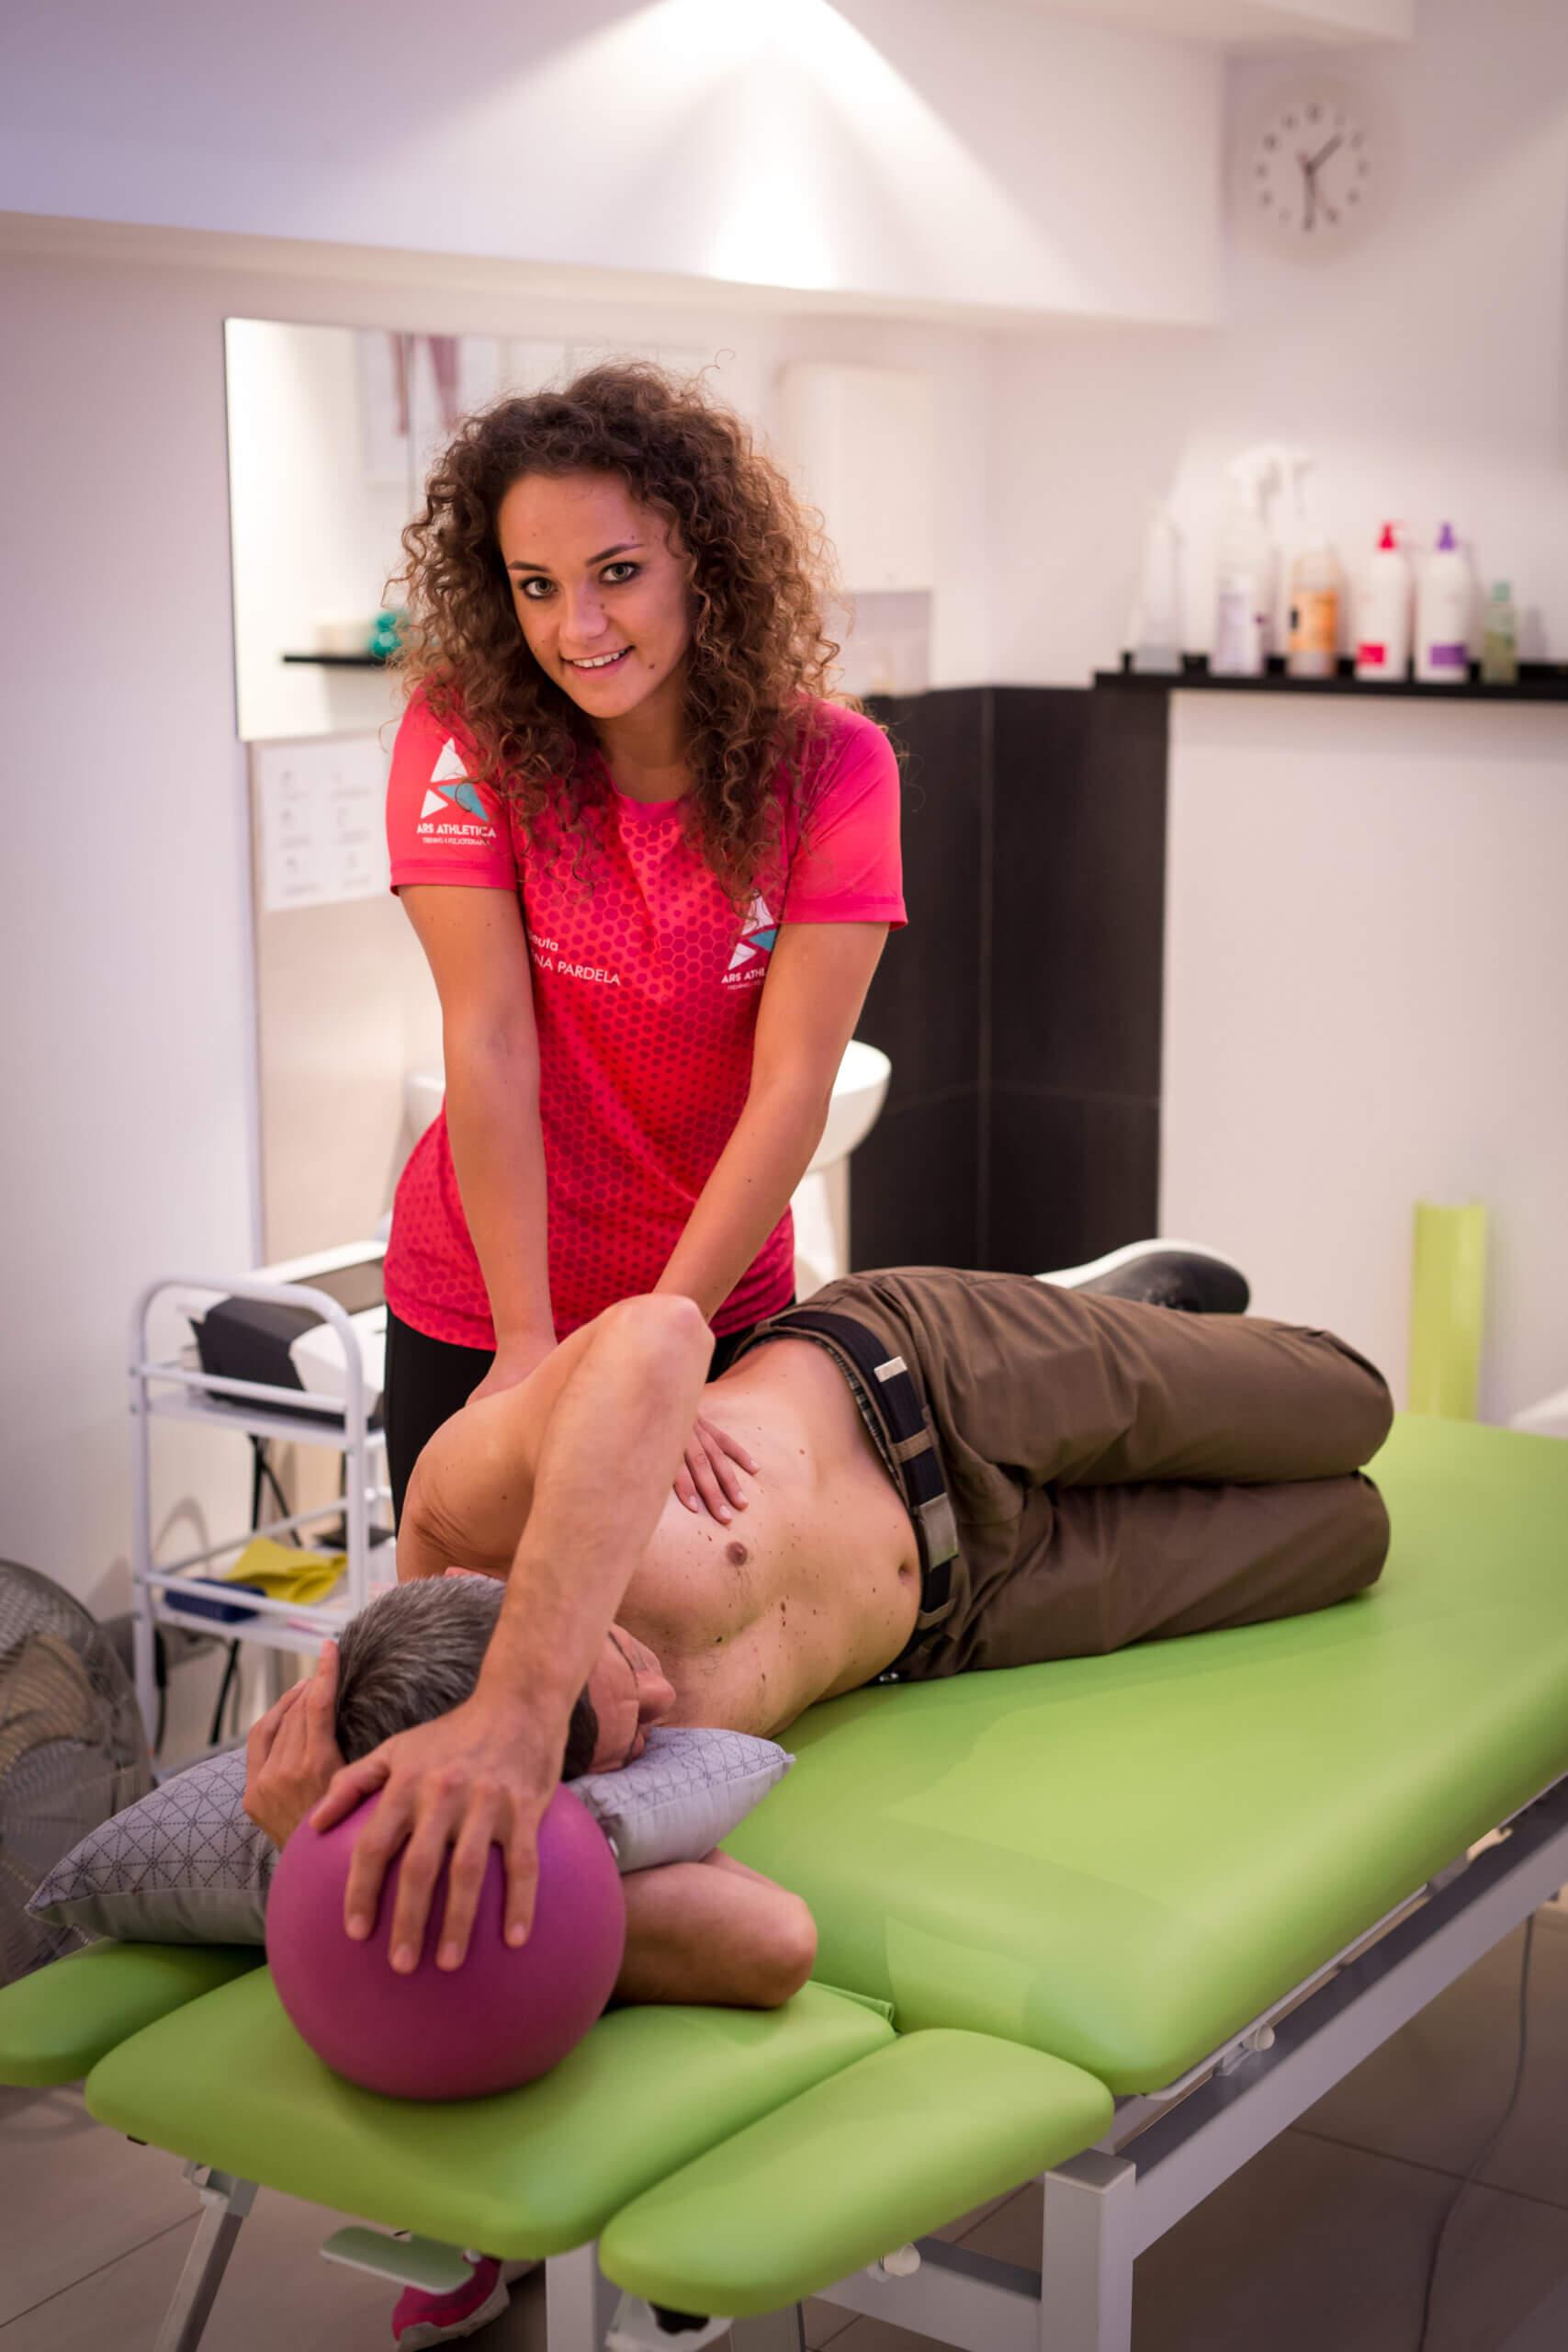 Fizjoterapia Oliwia Albrycht, fizjoterapia sportowa, fizjoterapia otopedyczna